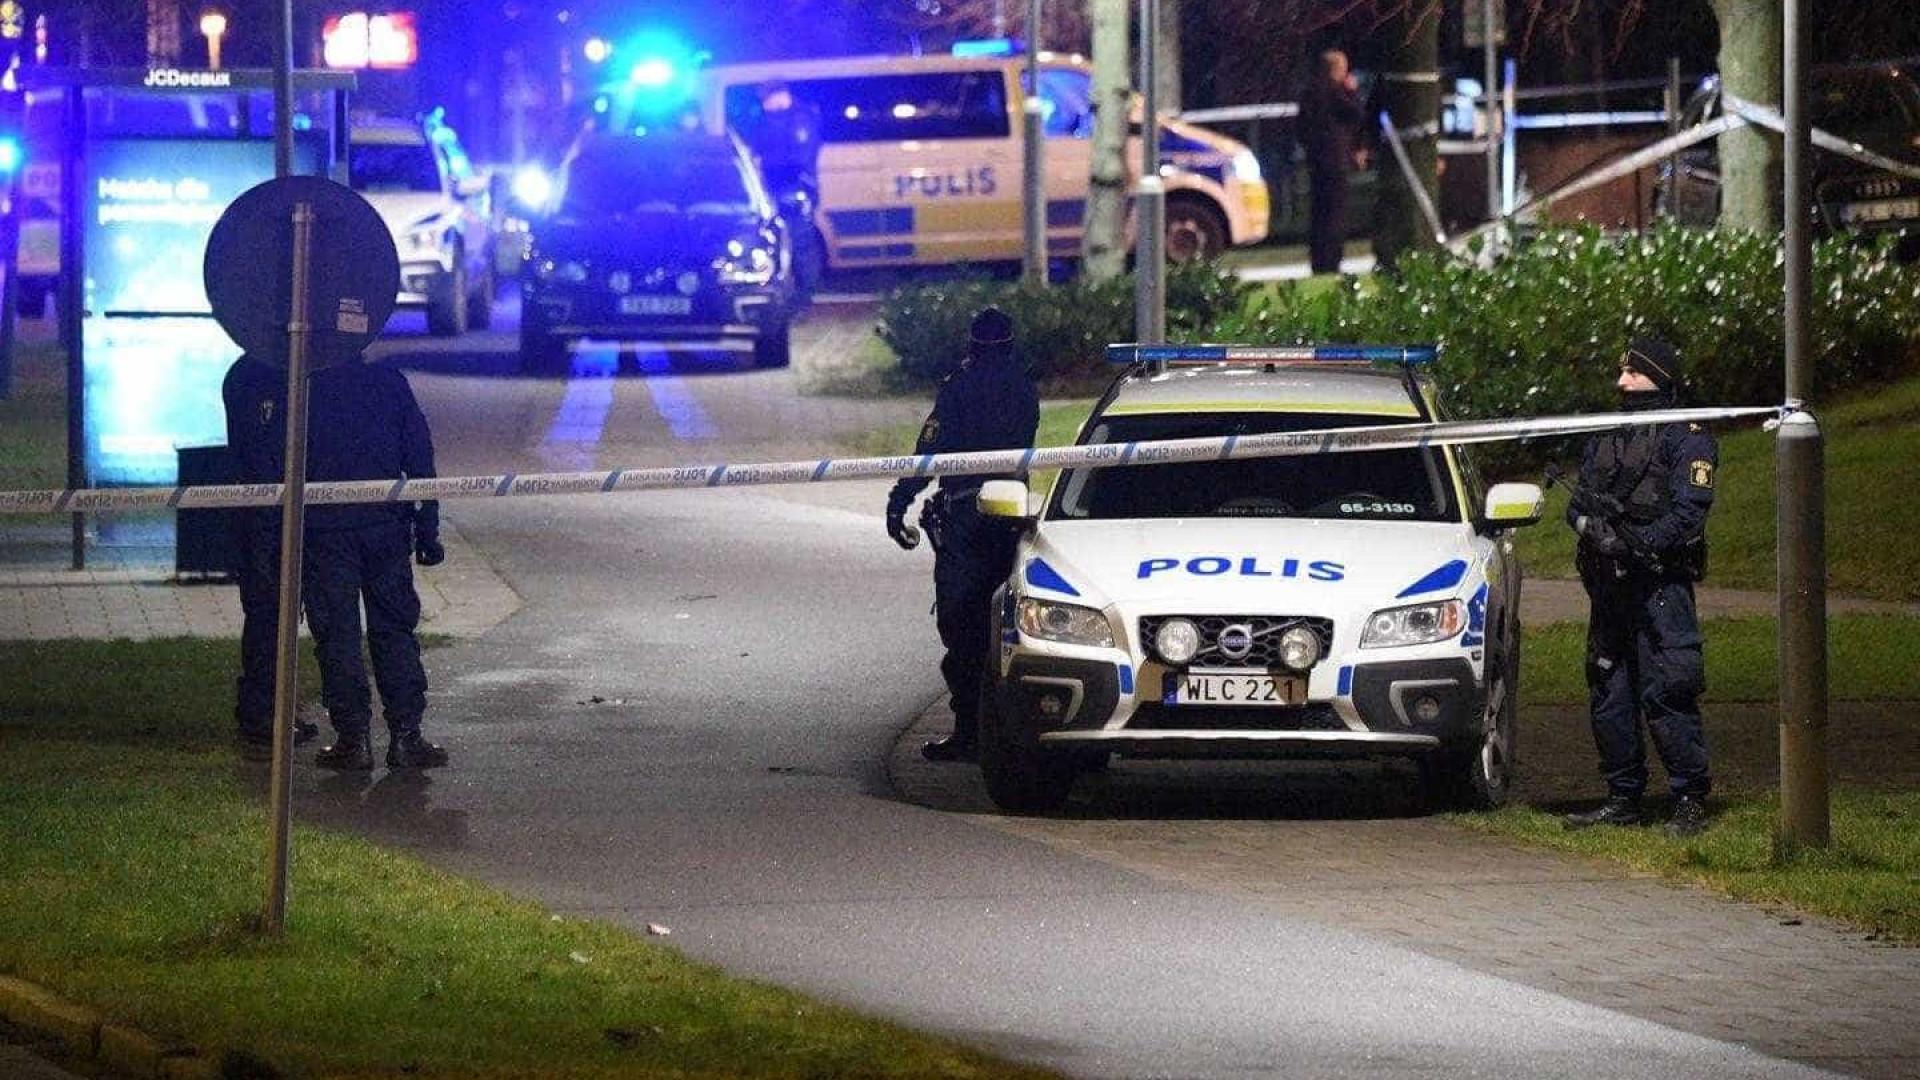 Explosão no exterior de esquadra de polícia sueca gera alerta